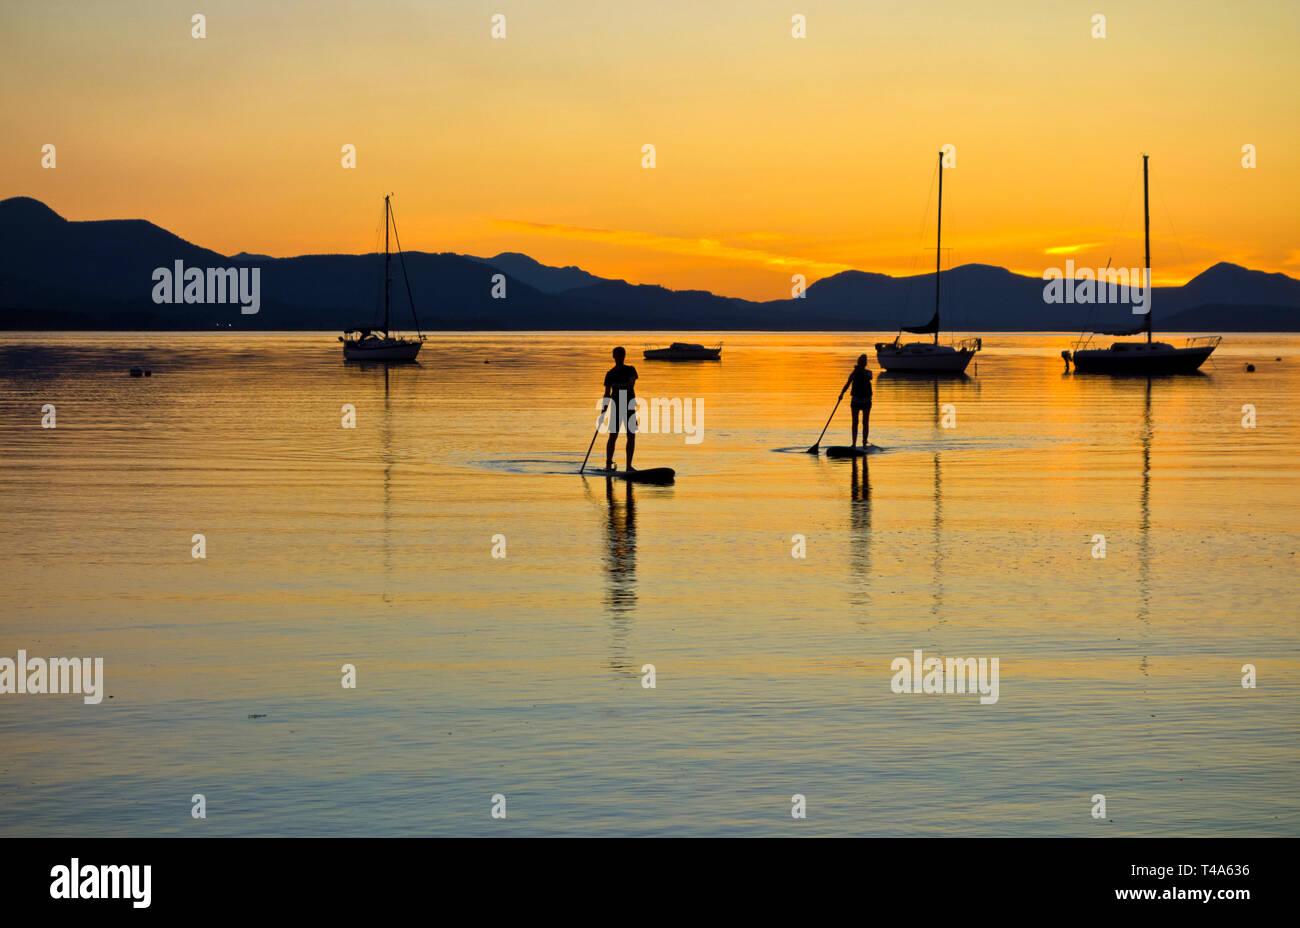 Deux stand up paddle boarders de revenir après le coucher du soleil à Salt Spring Island, en Colombie-Britannique, Canada. Stand up paddleboarding dans le sud des îles Gulf, en Colombie-Britannique. Banque D'Images